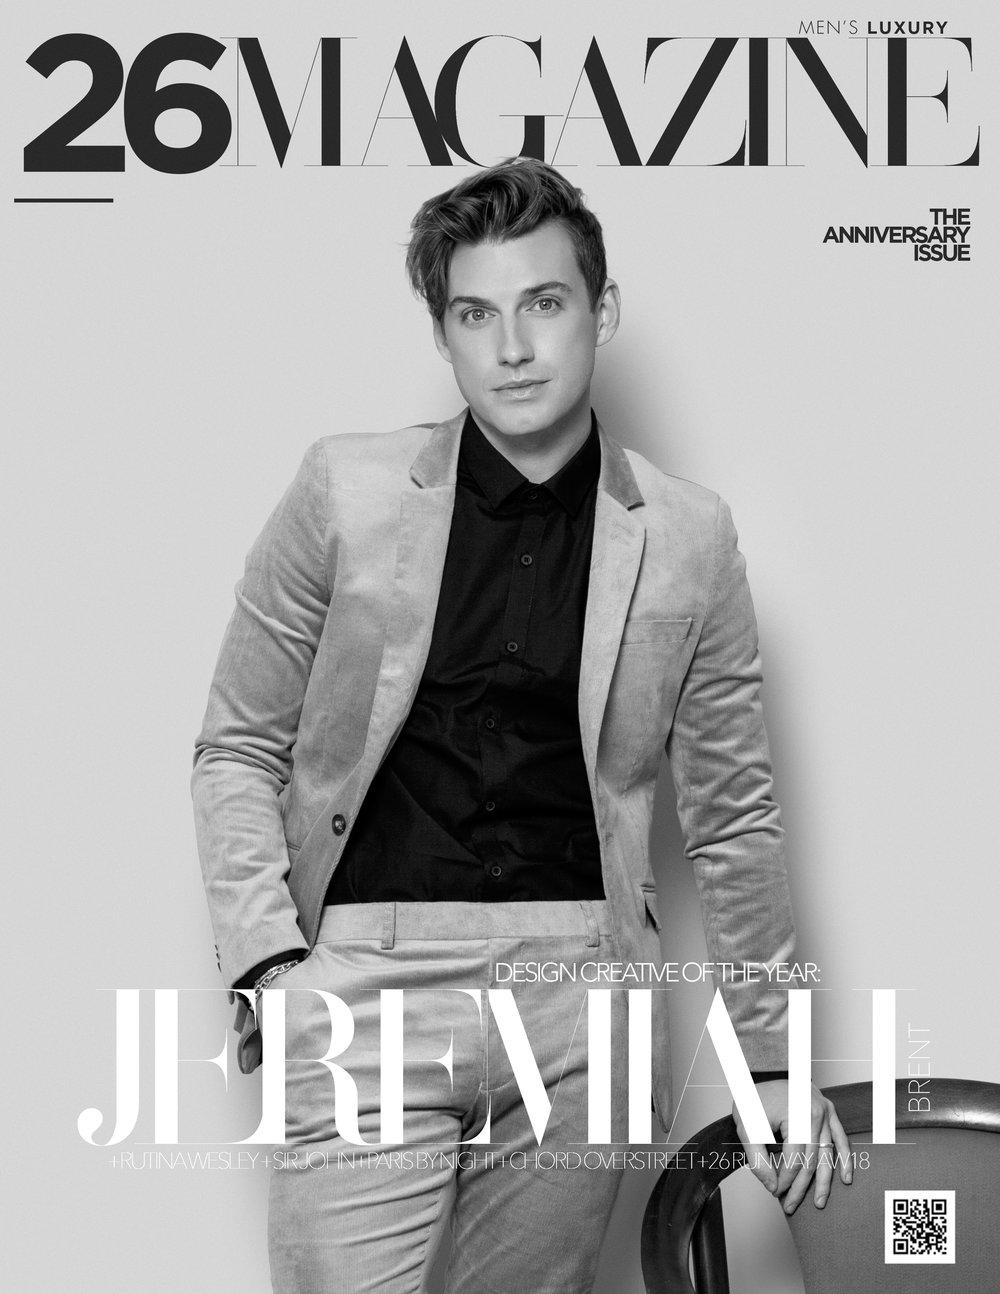 26 Magazine, November 2018.